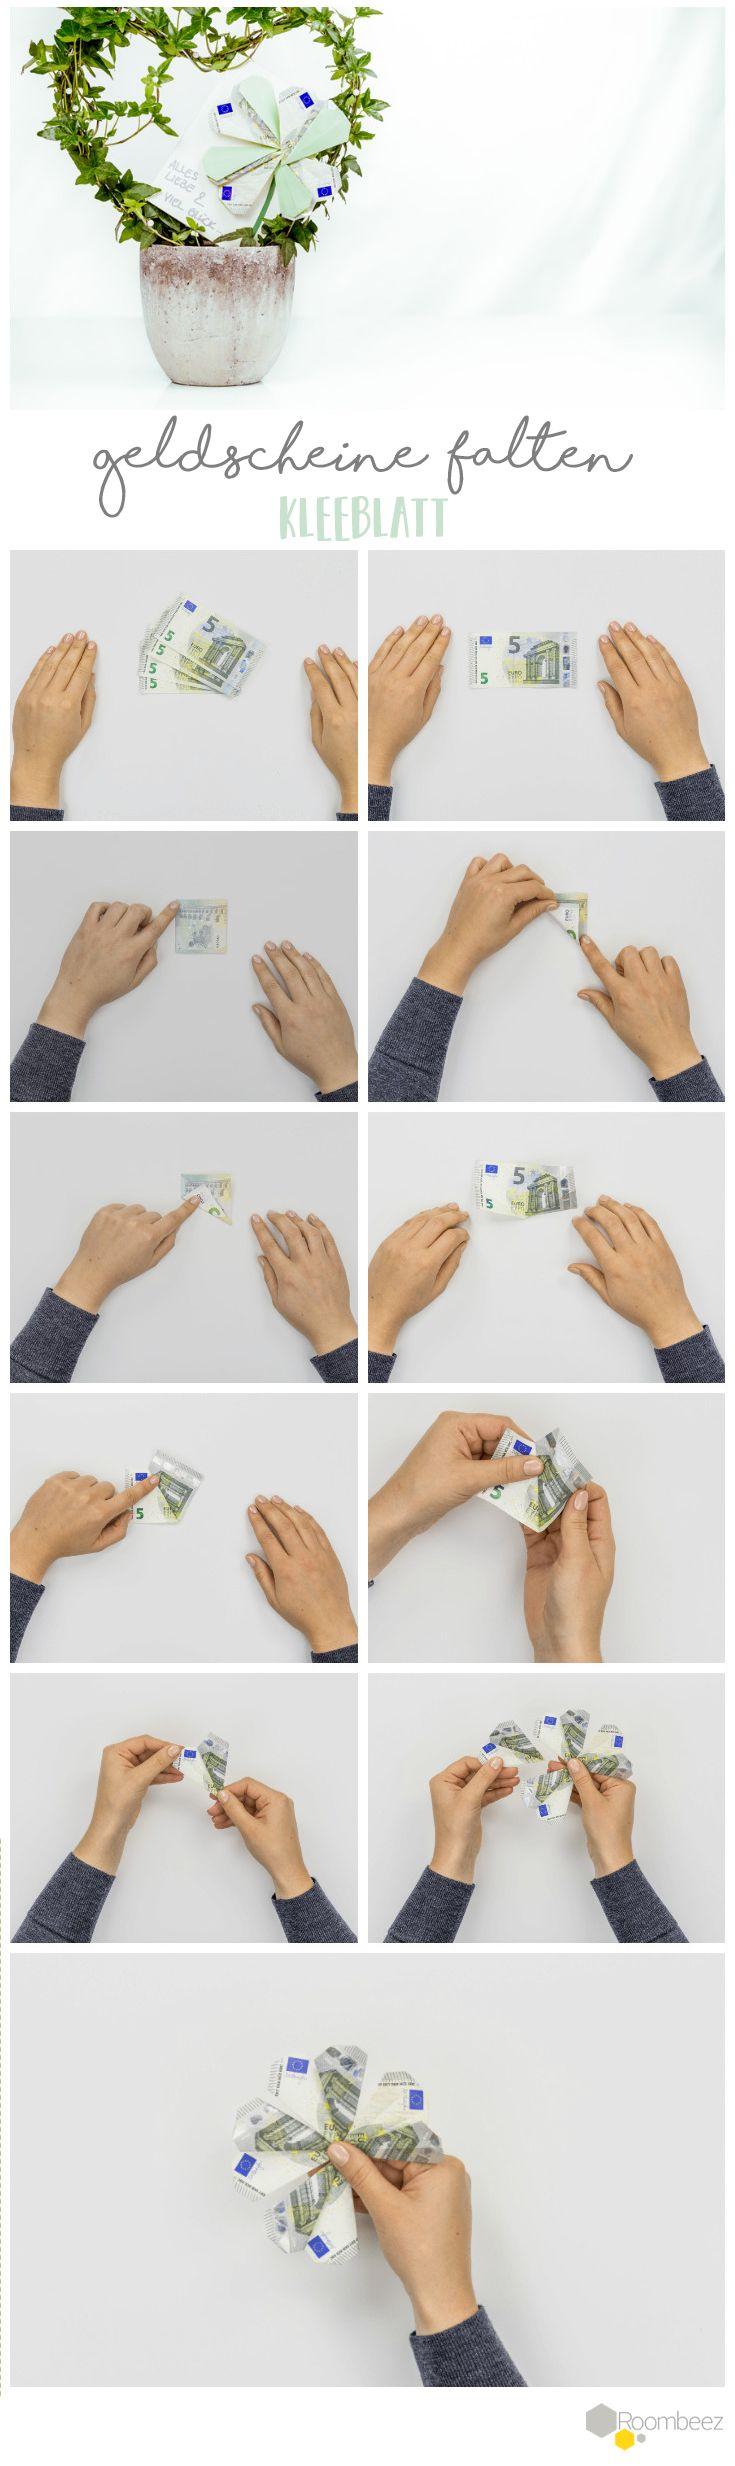 #Kleeblatt # Geldgeschenke #Origami #Geldscheine   Auf ROOMBEEZ findet Ihr diese und weitere Anleitungen (+VIDEOS) für süße Geldgeschenke!